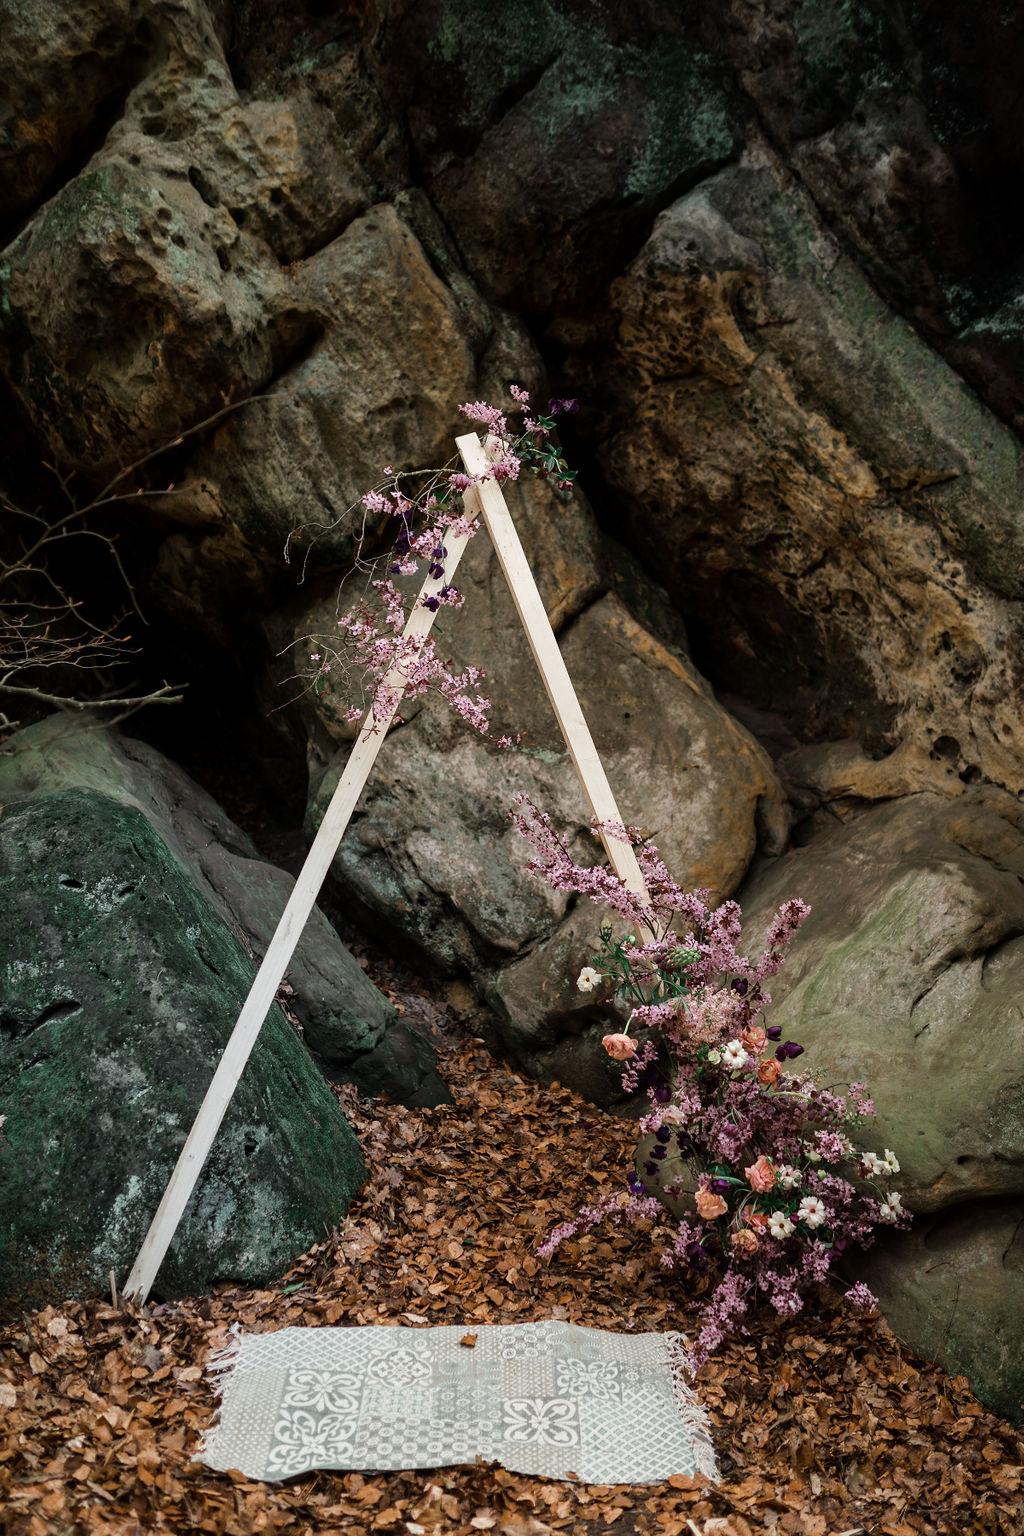 Traubogen mit Blumendekoration vor Felsen, Teppich